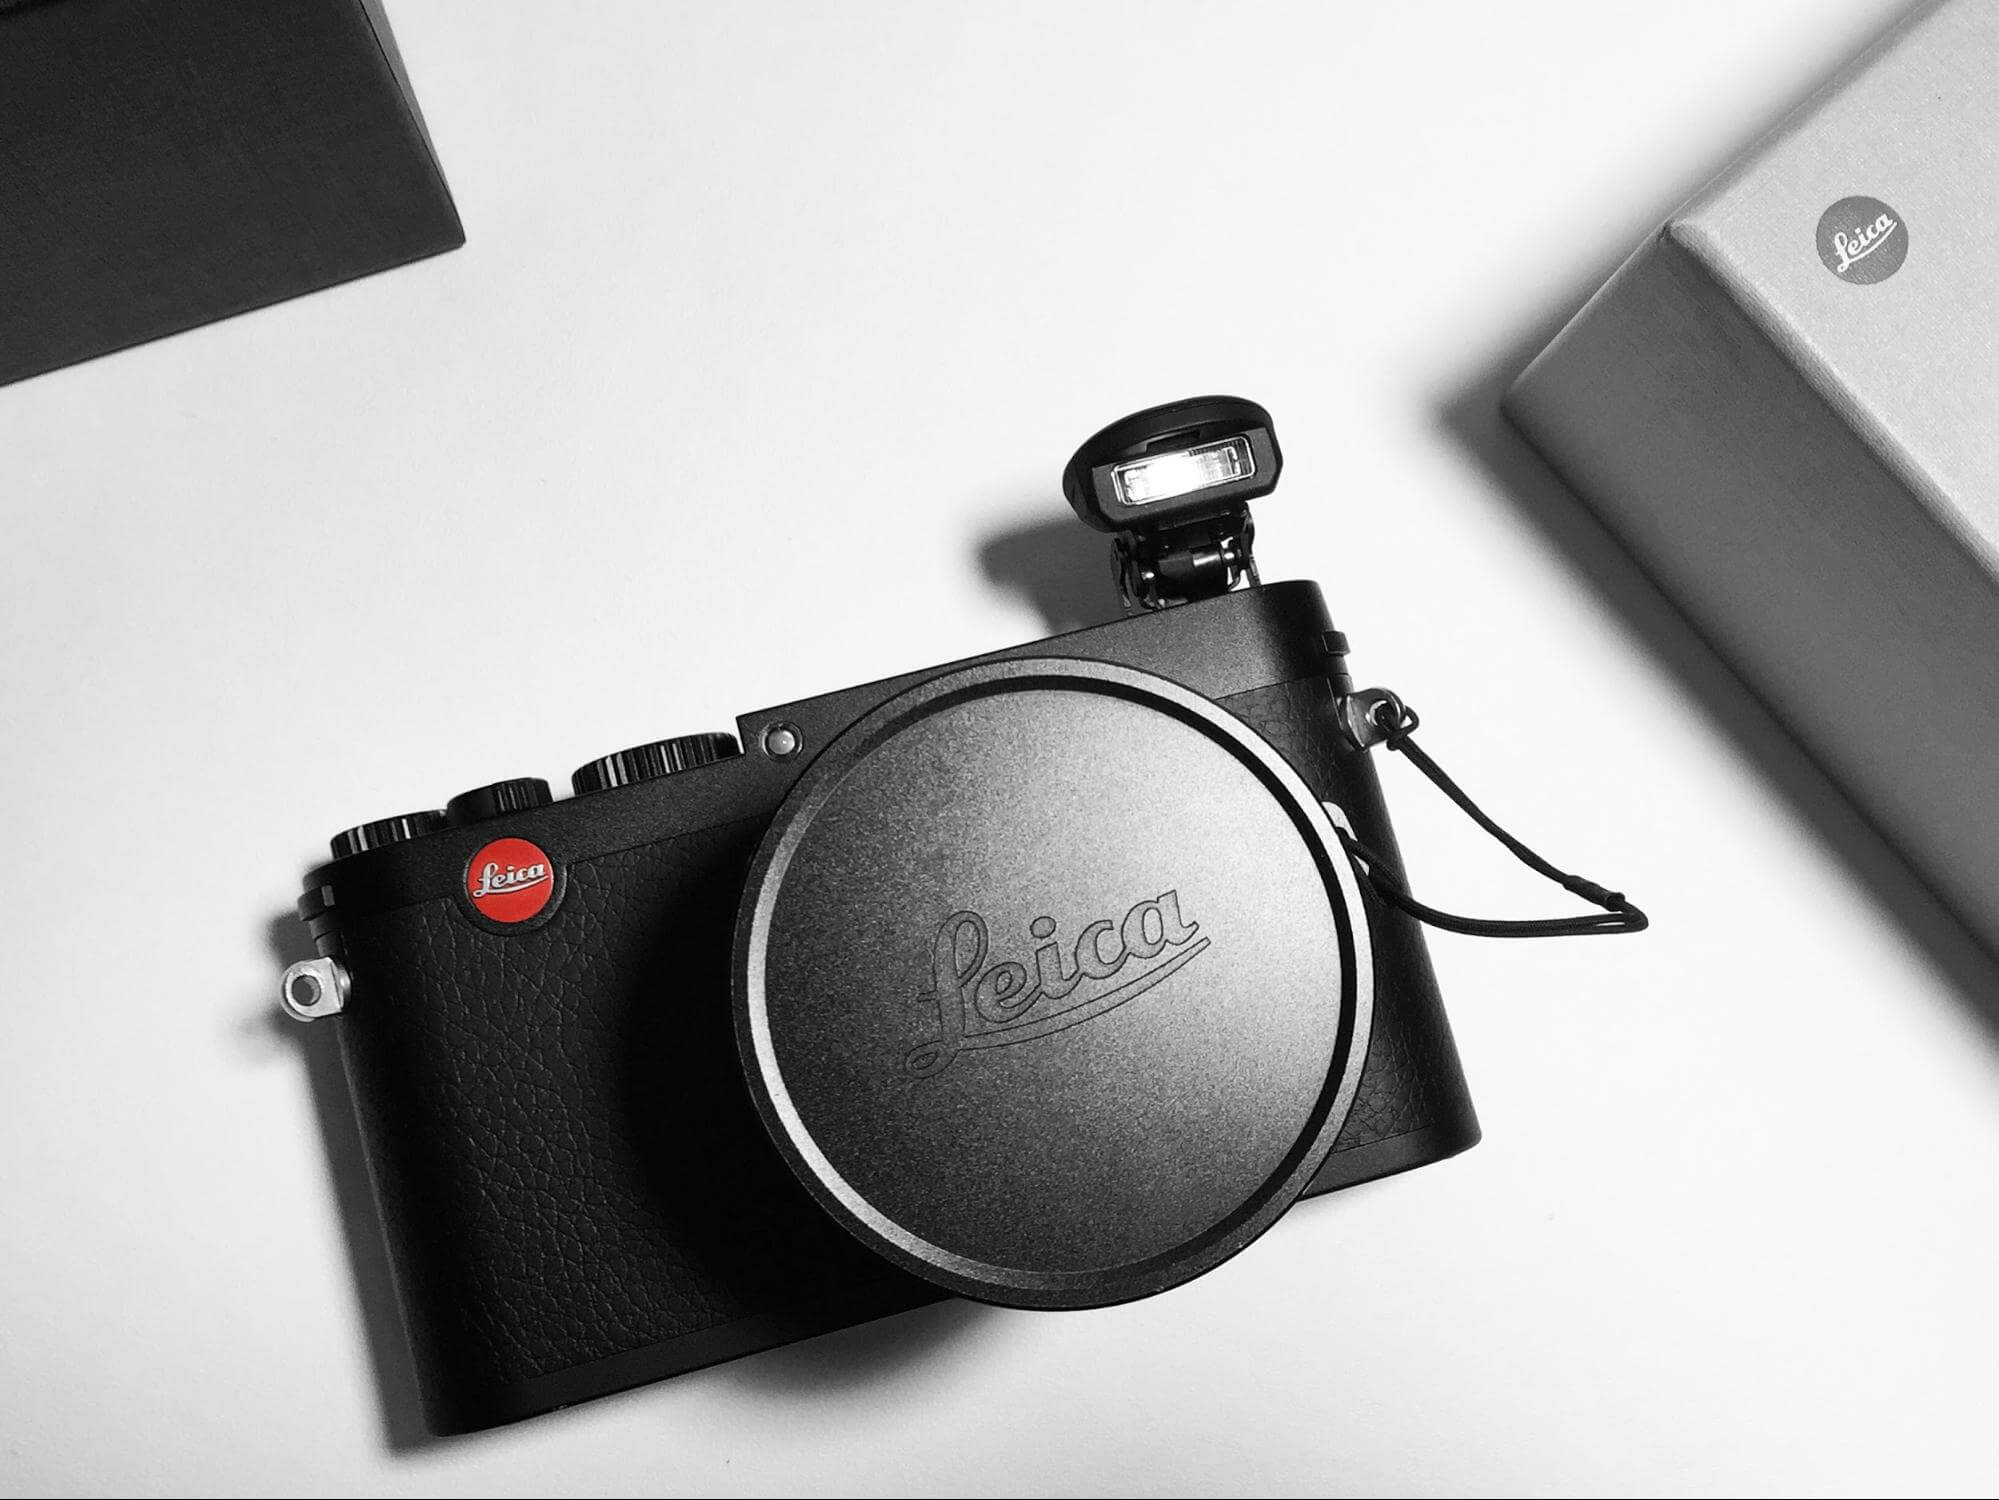 A Leica SLR camera